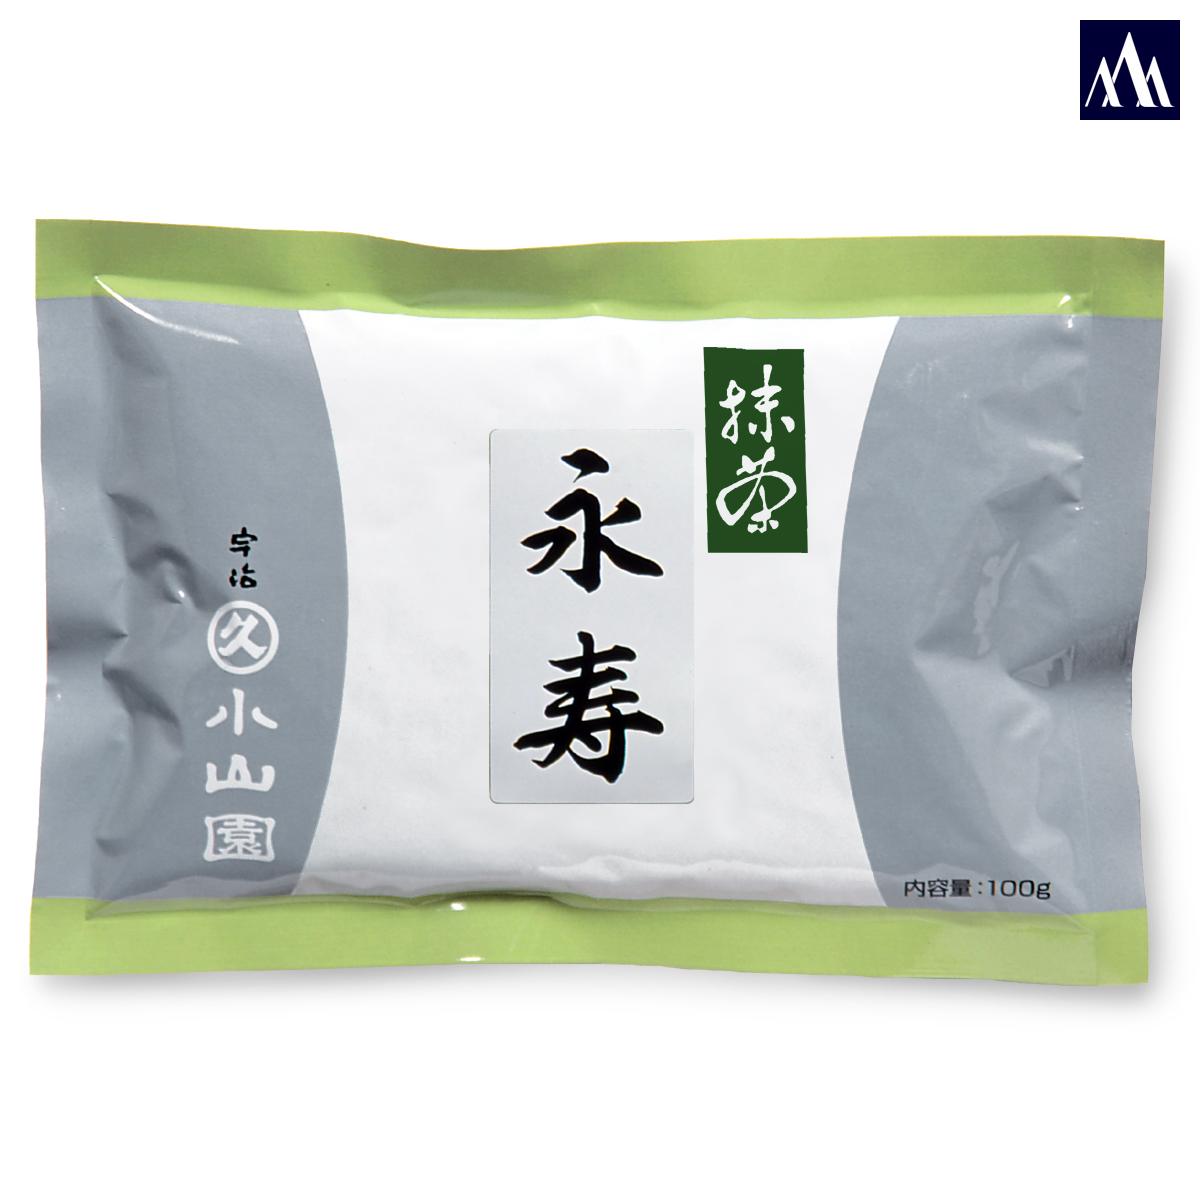 【全国送料無料】抹茶「永寿」100g袋入